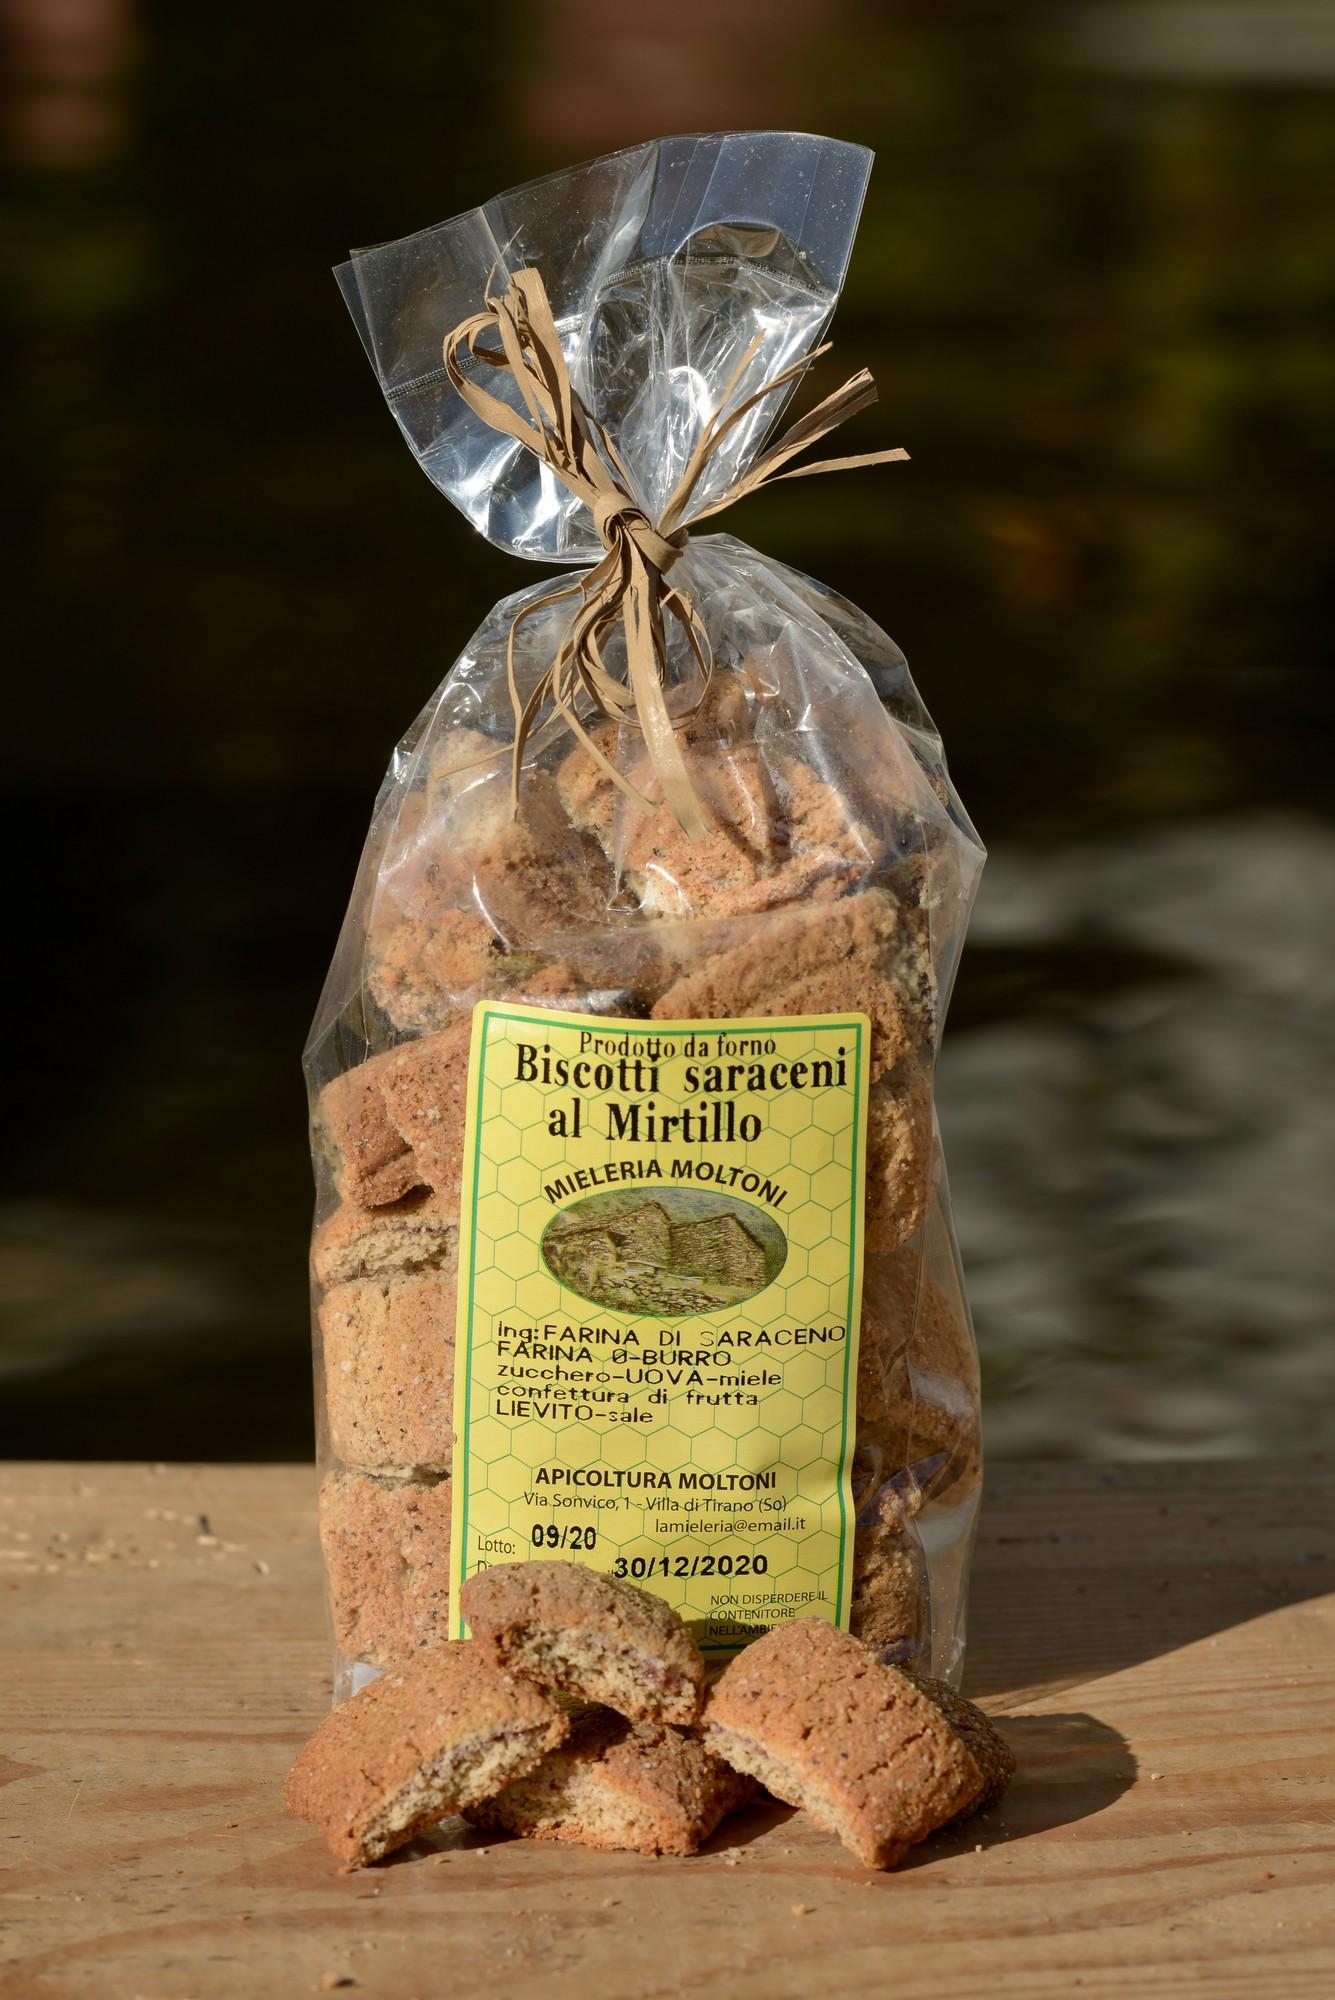 biscotti saraceni al mirtillo